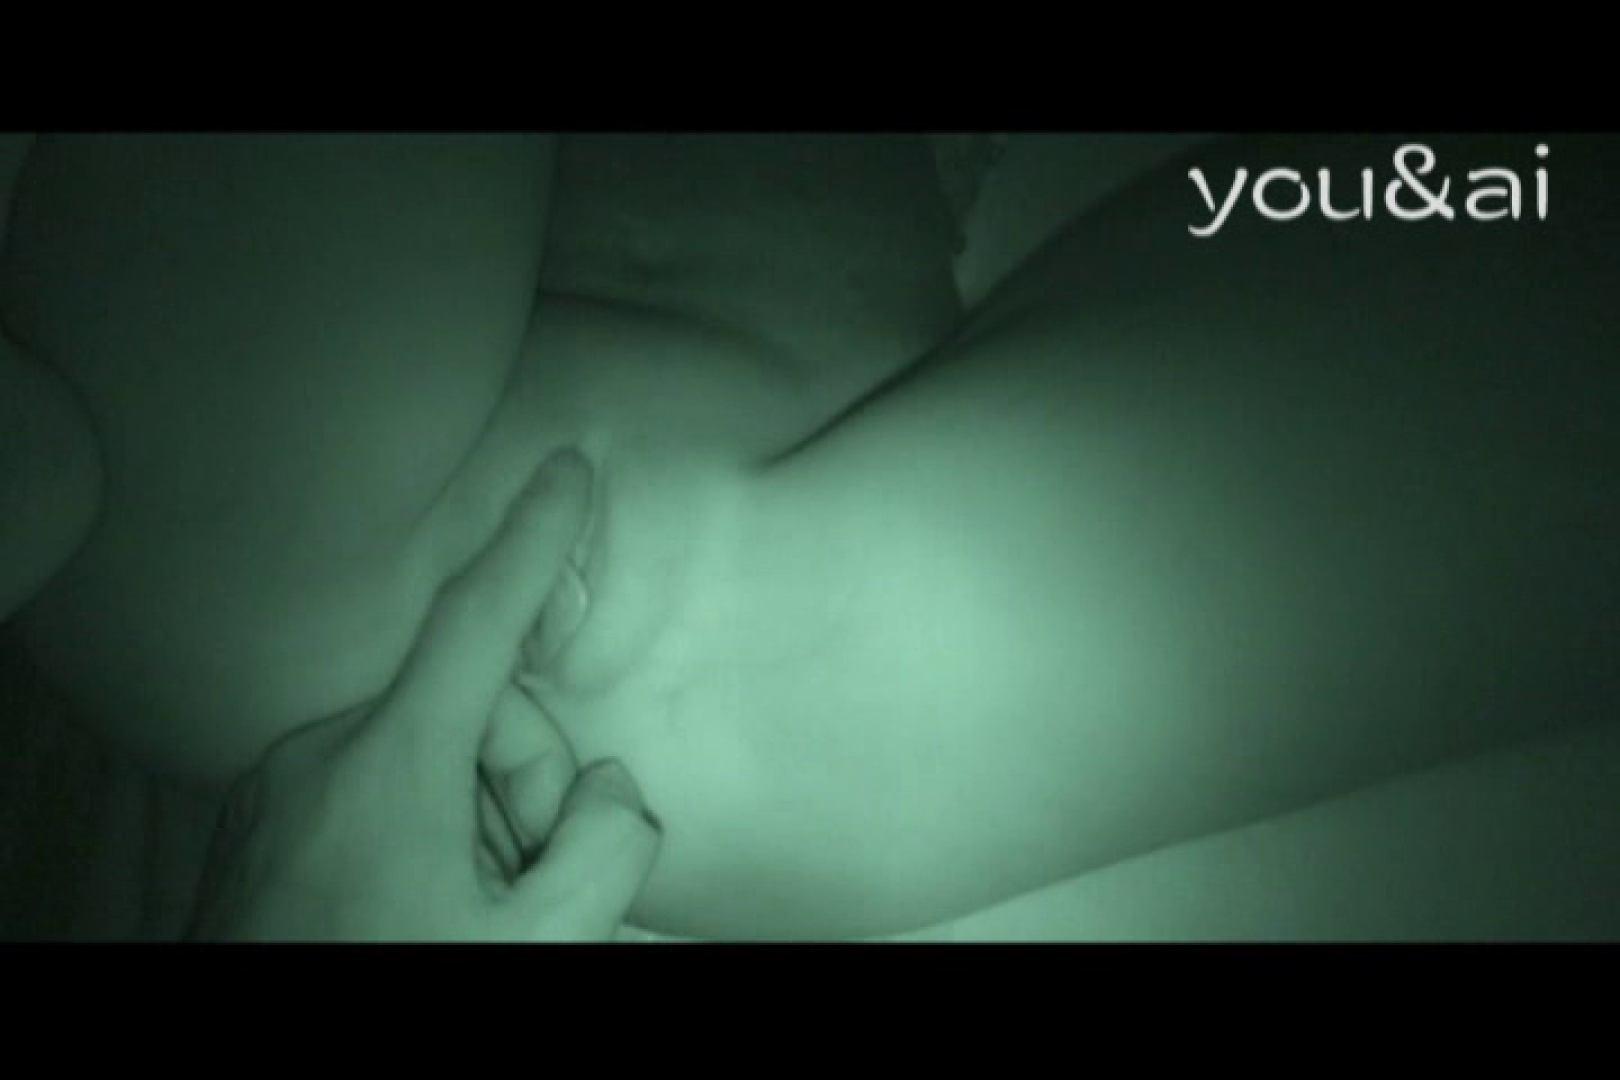 おしどり夫婦のyou&aiさん投稿作品vol.3 一般投稿 AV無料 70pic 8